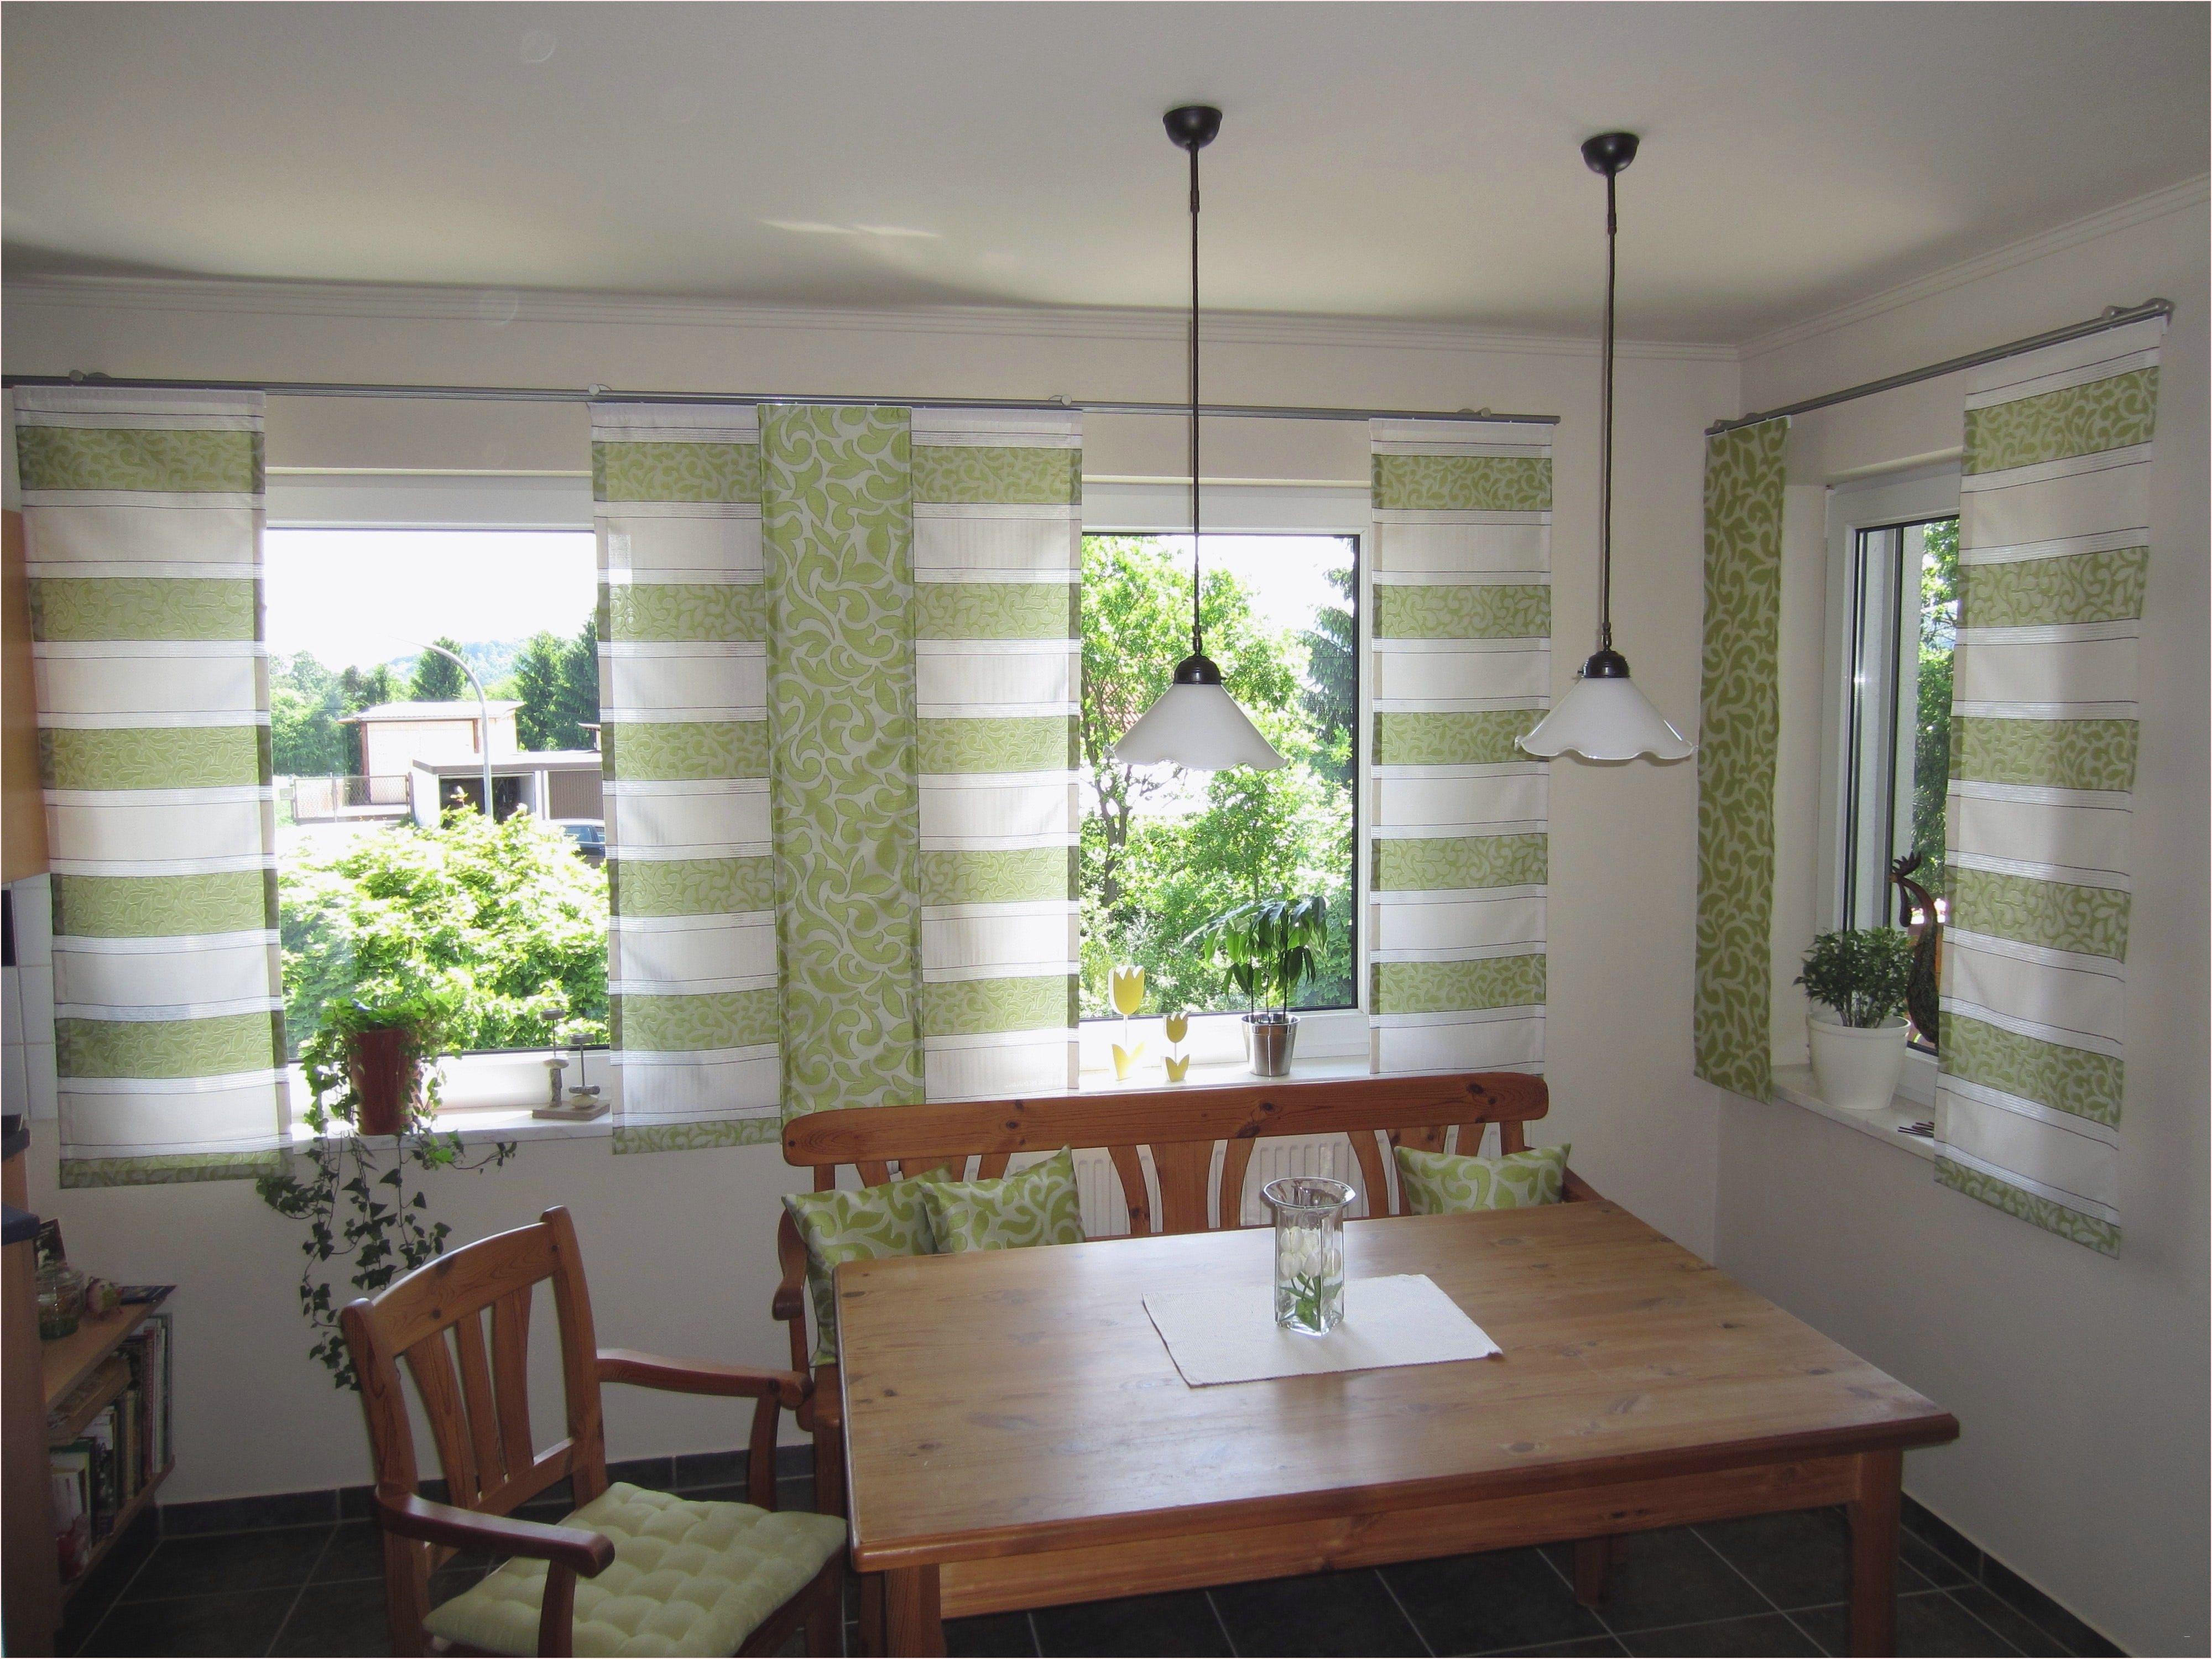 Stehlampe Wohnzimmer Gebraucht Led Bauhaus Lampe Gunstig